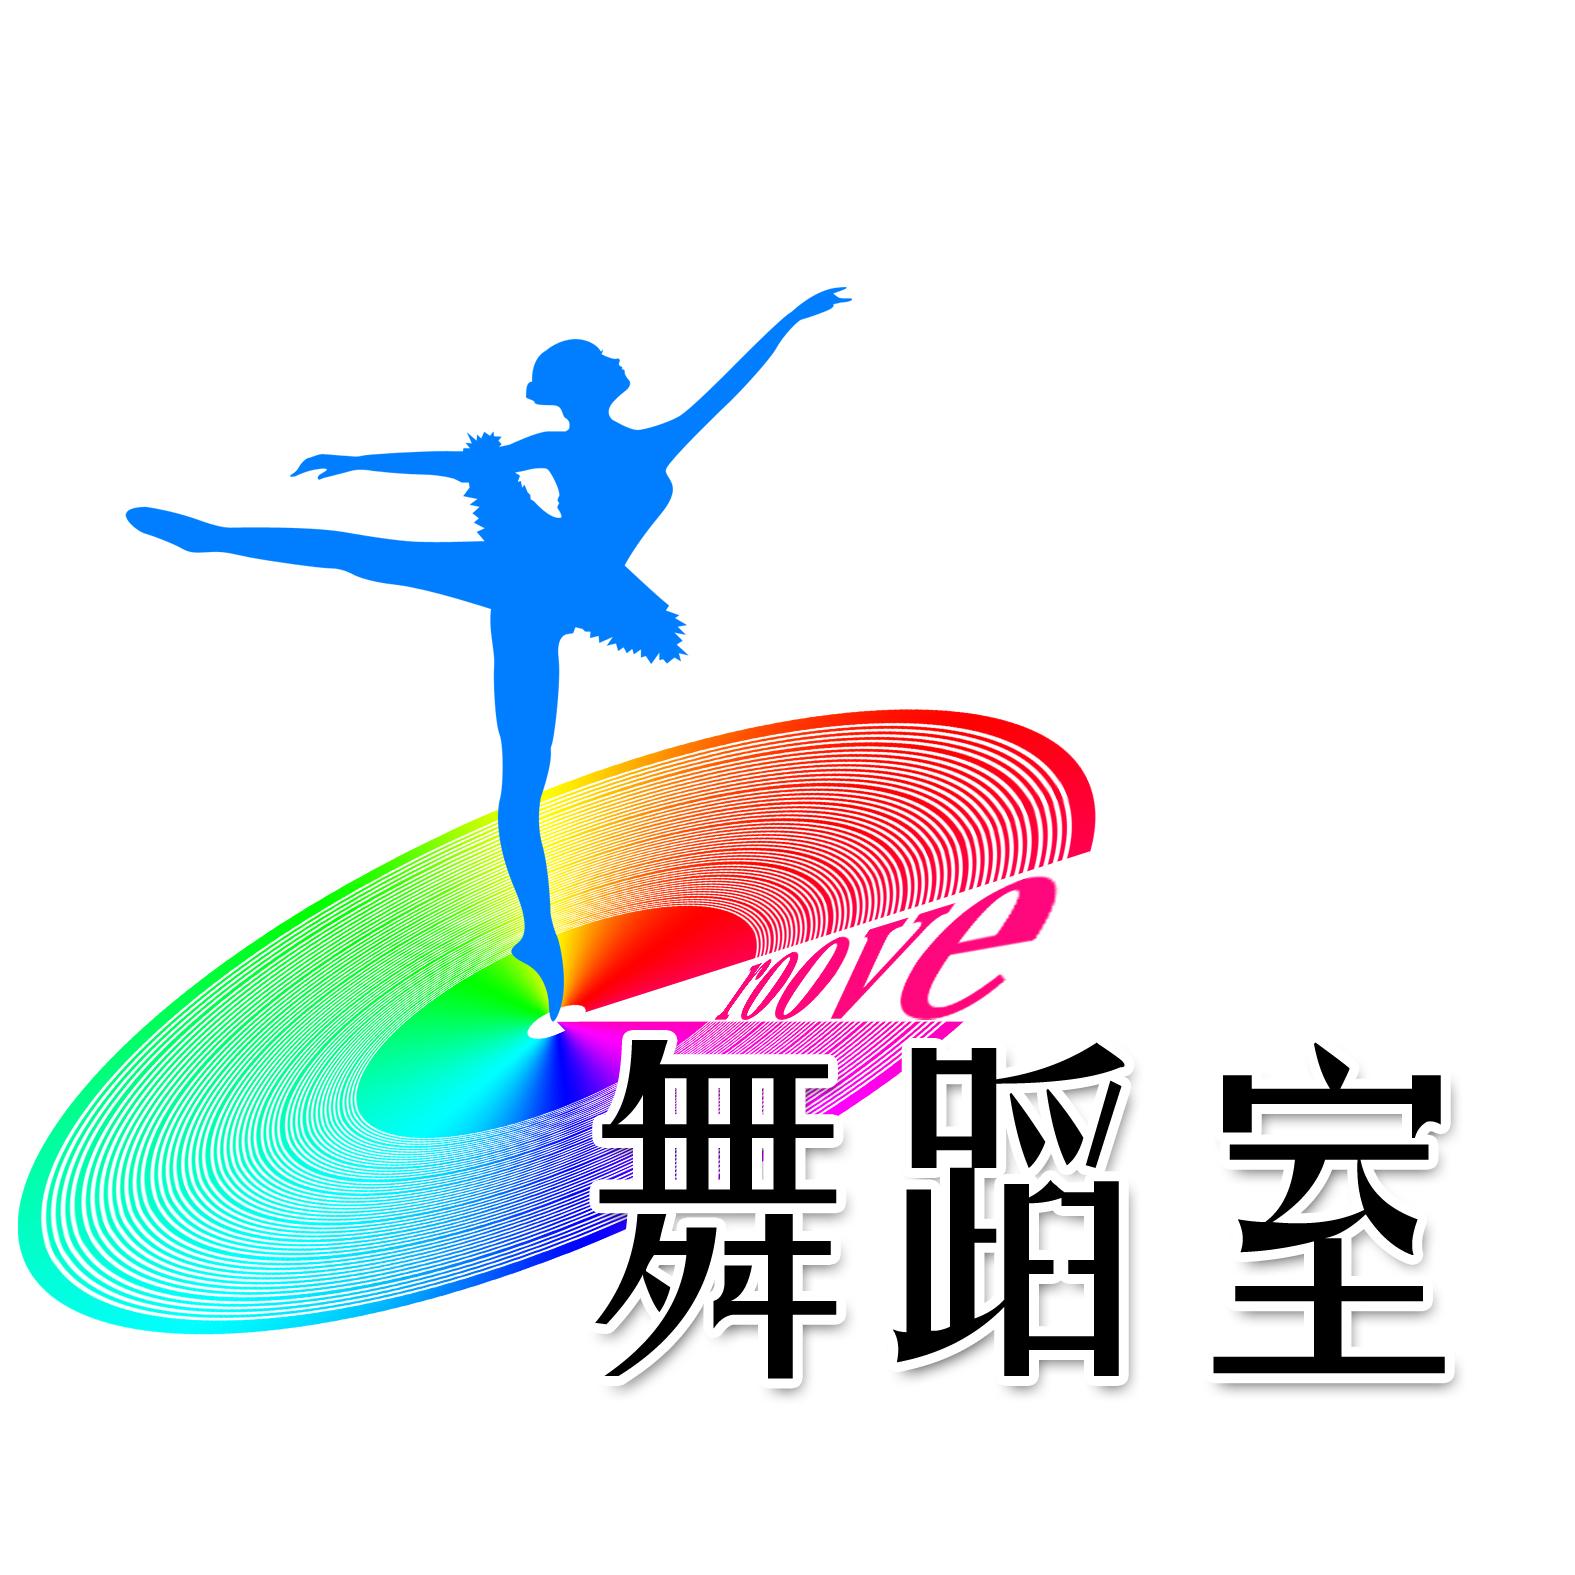 舞蹈室logo设计